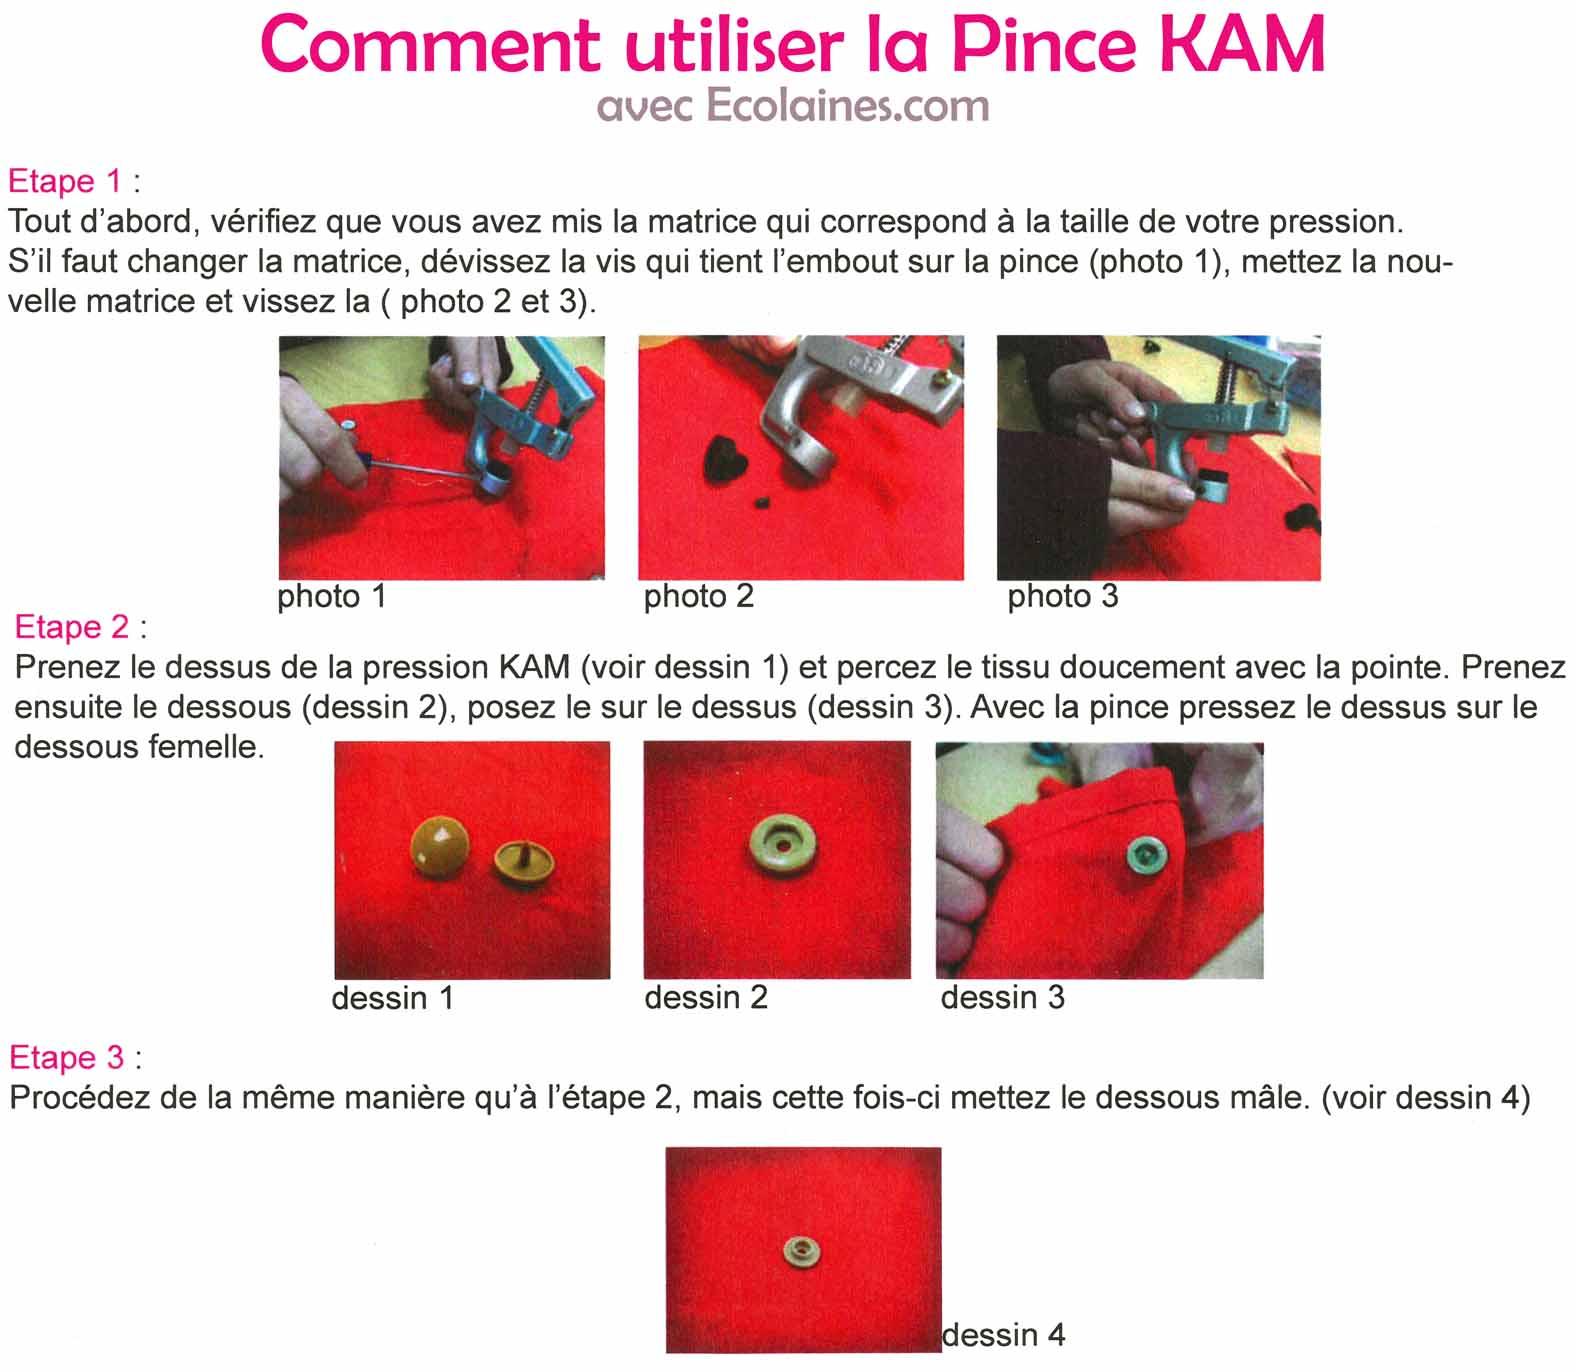 Tutoriel Pince KAM, comment utiliser la pince KAM